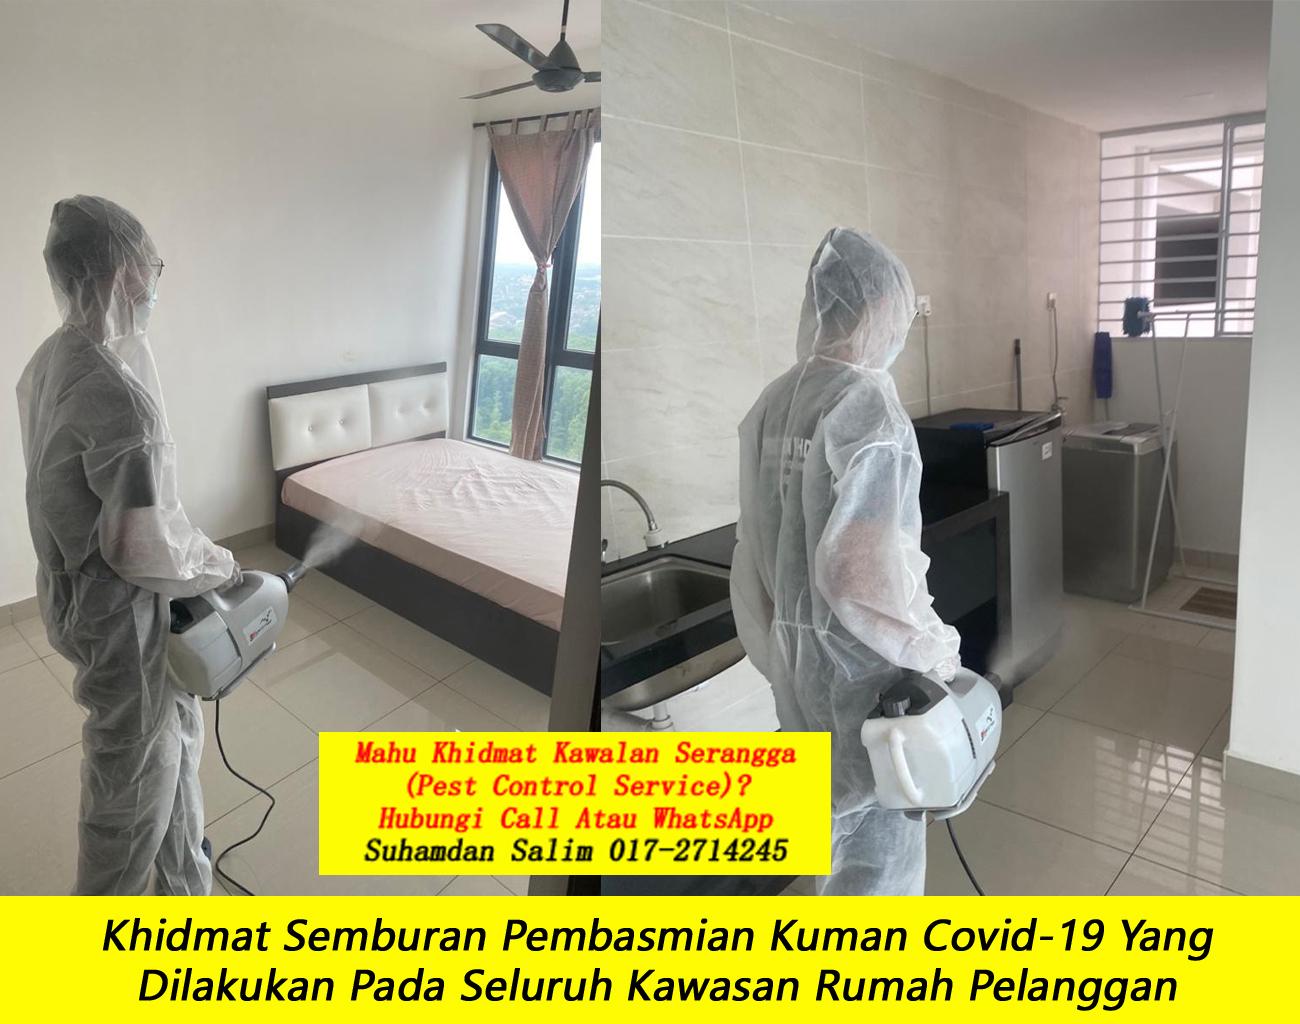 khidmat sanitizing membasmi kuman Covid-19 Disinfection Service semburan sanitize covid 19 paling berkesan dengan harga berpatutan the best service covid-19 Imbi kl